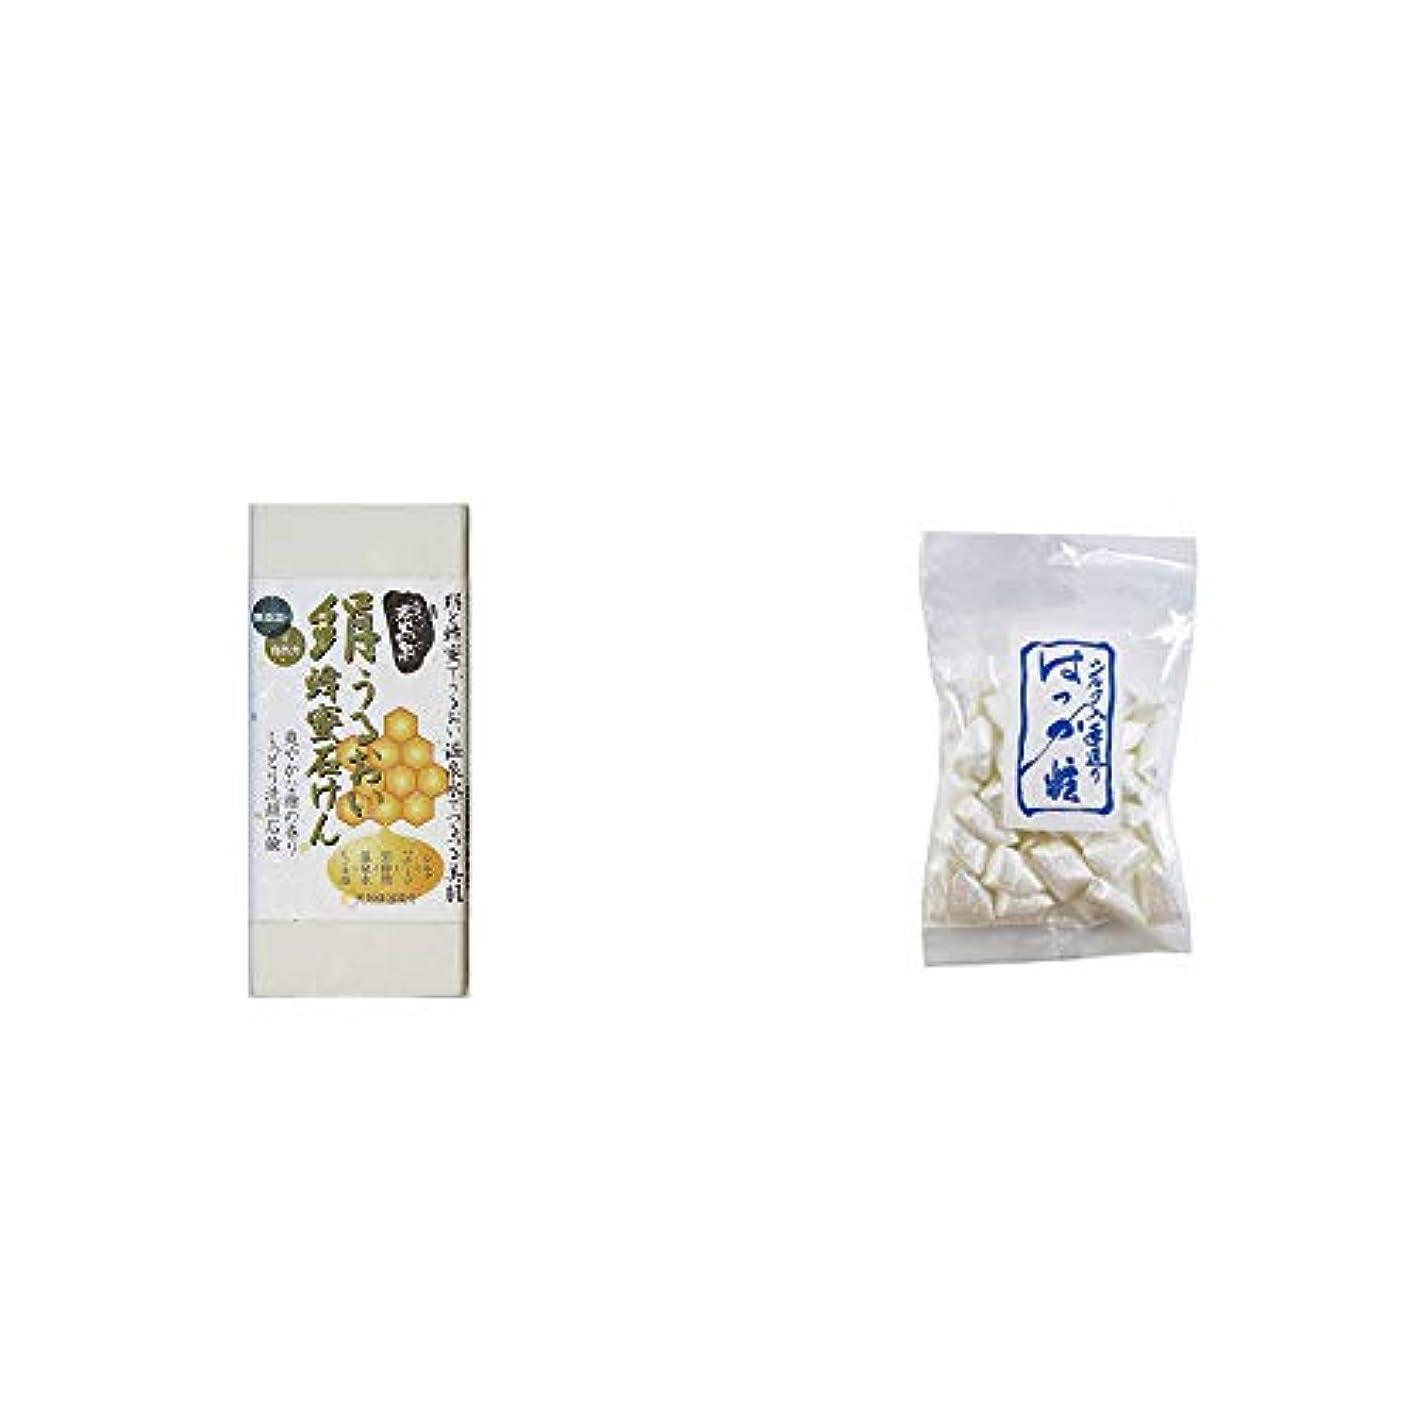 闘争意味のある正気[2点セット] ひのき炭黒泉 絹うるおい蜂蜜石けん(75g×2)?シルクはっか糖(150g)